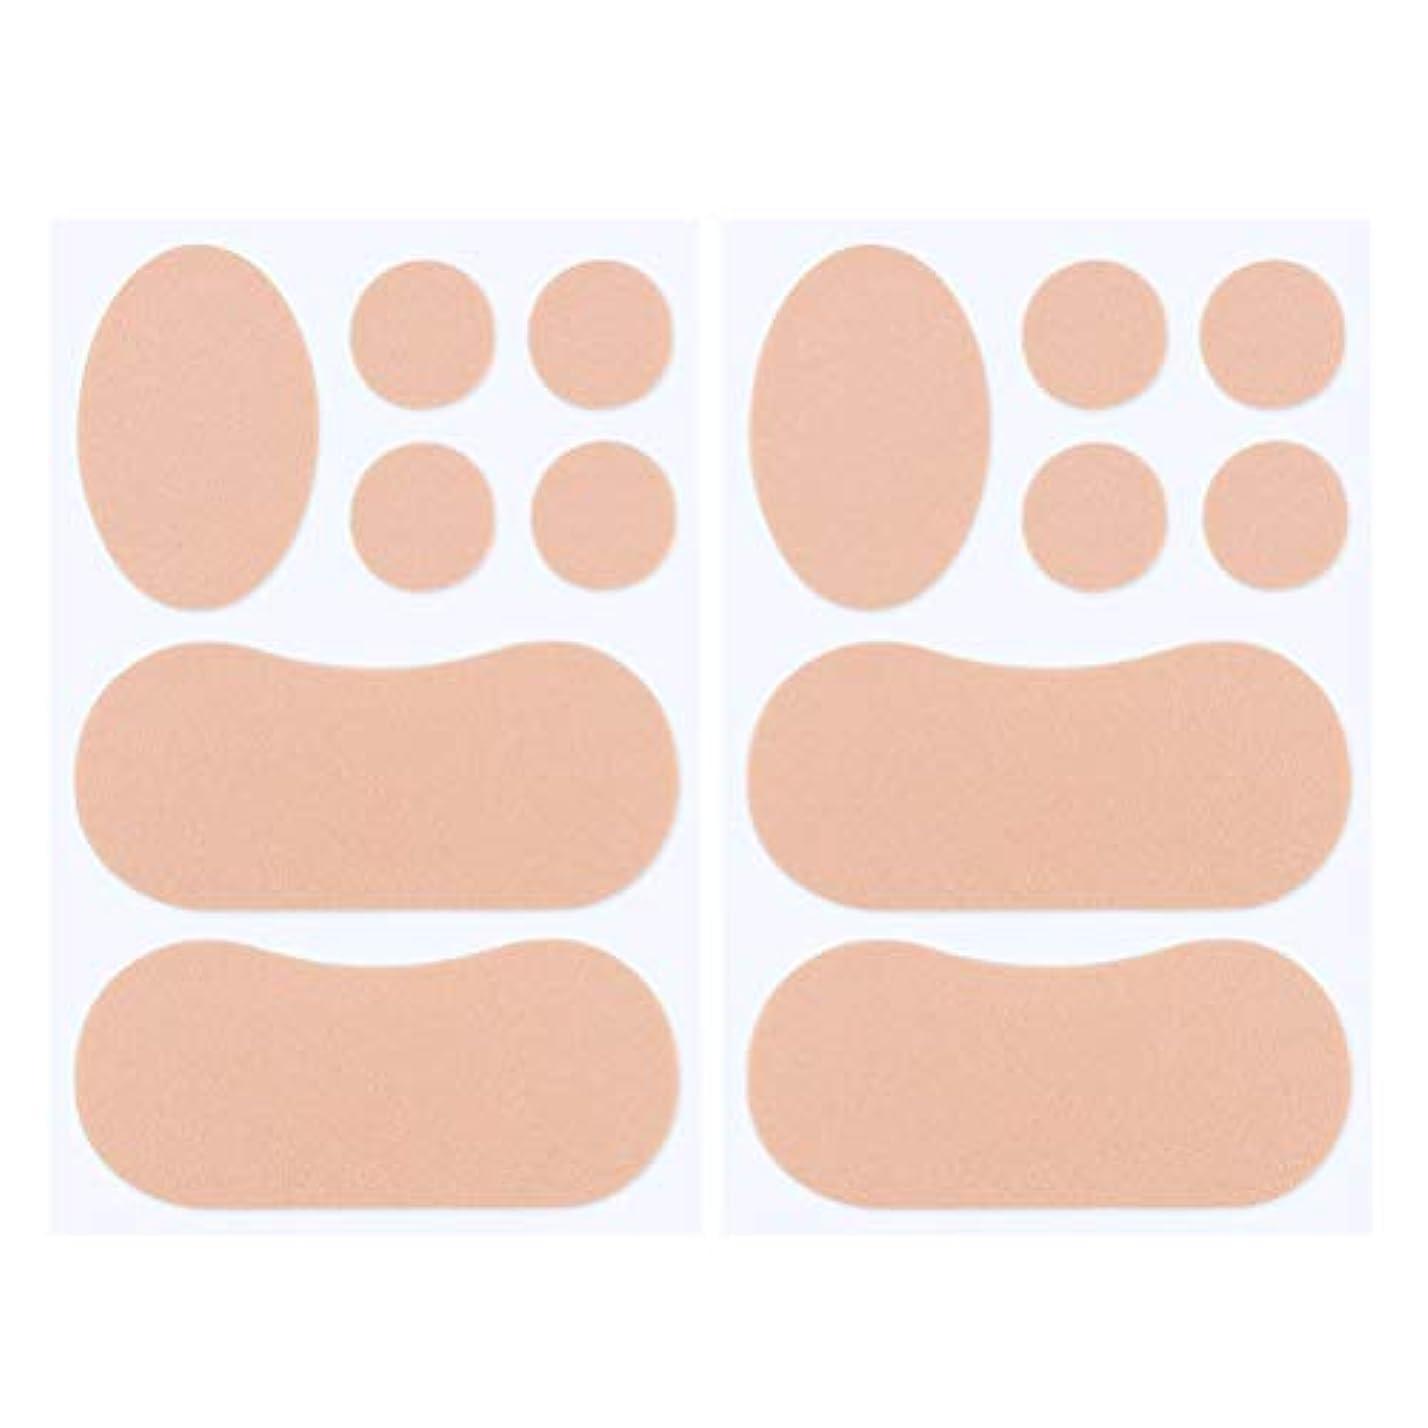 しかしながらまとめるデンマークFrcolor 2セット靴ずれ防止 ヒールステッカー つま先プロテクター フットケア